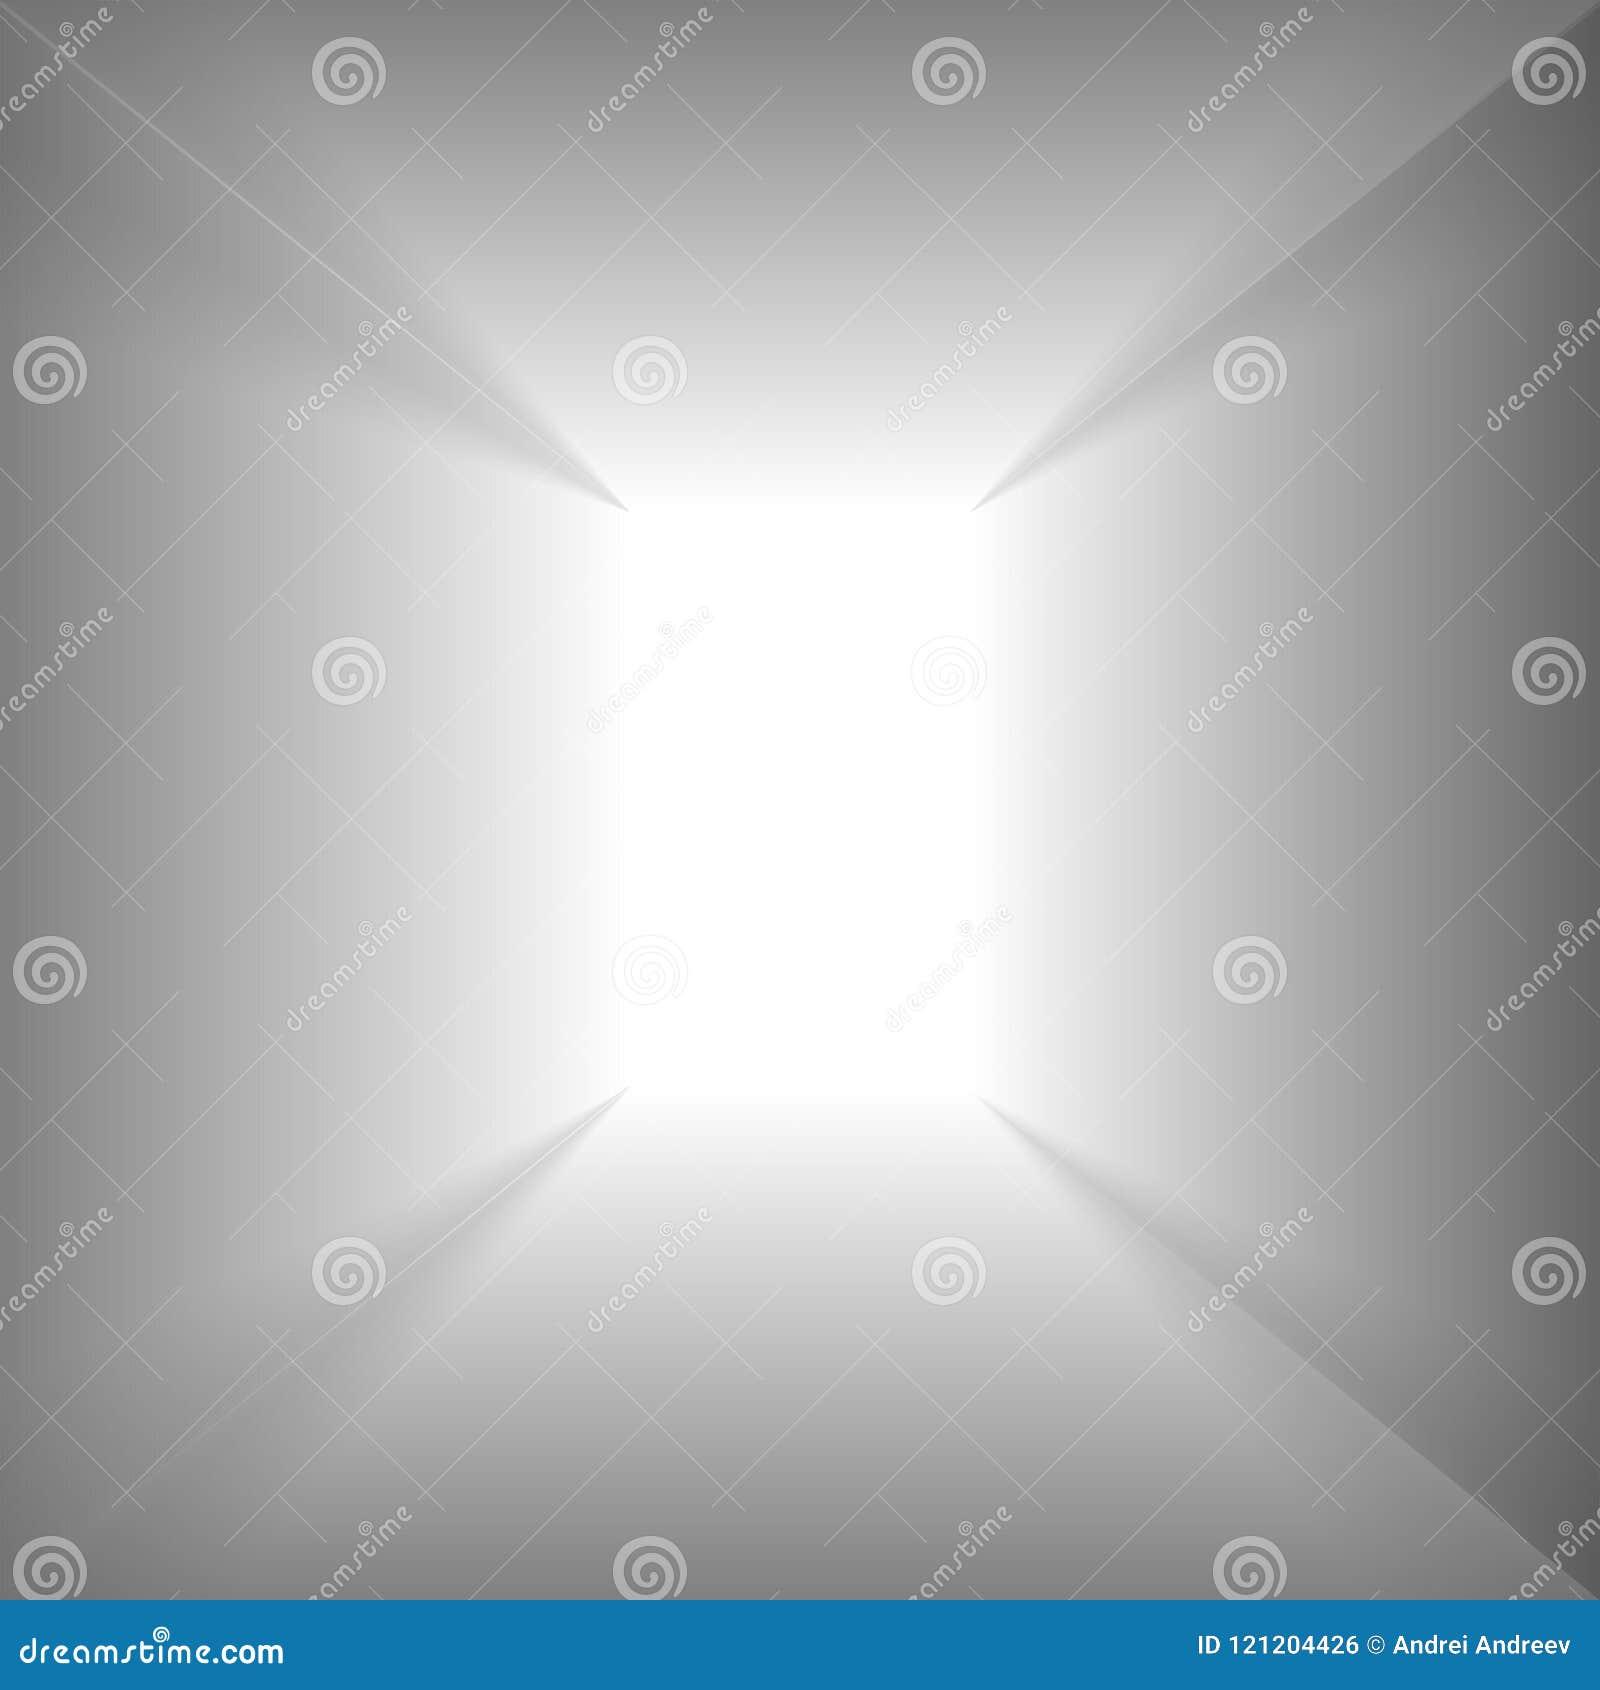 Σαφές άσπρο δωμάτιο στον όμορφο νέο απόκρυφο κόσμο